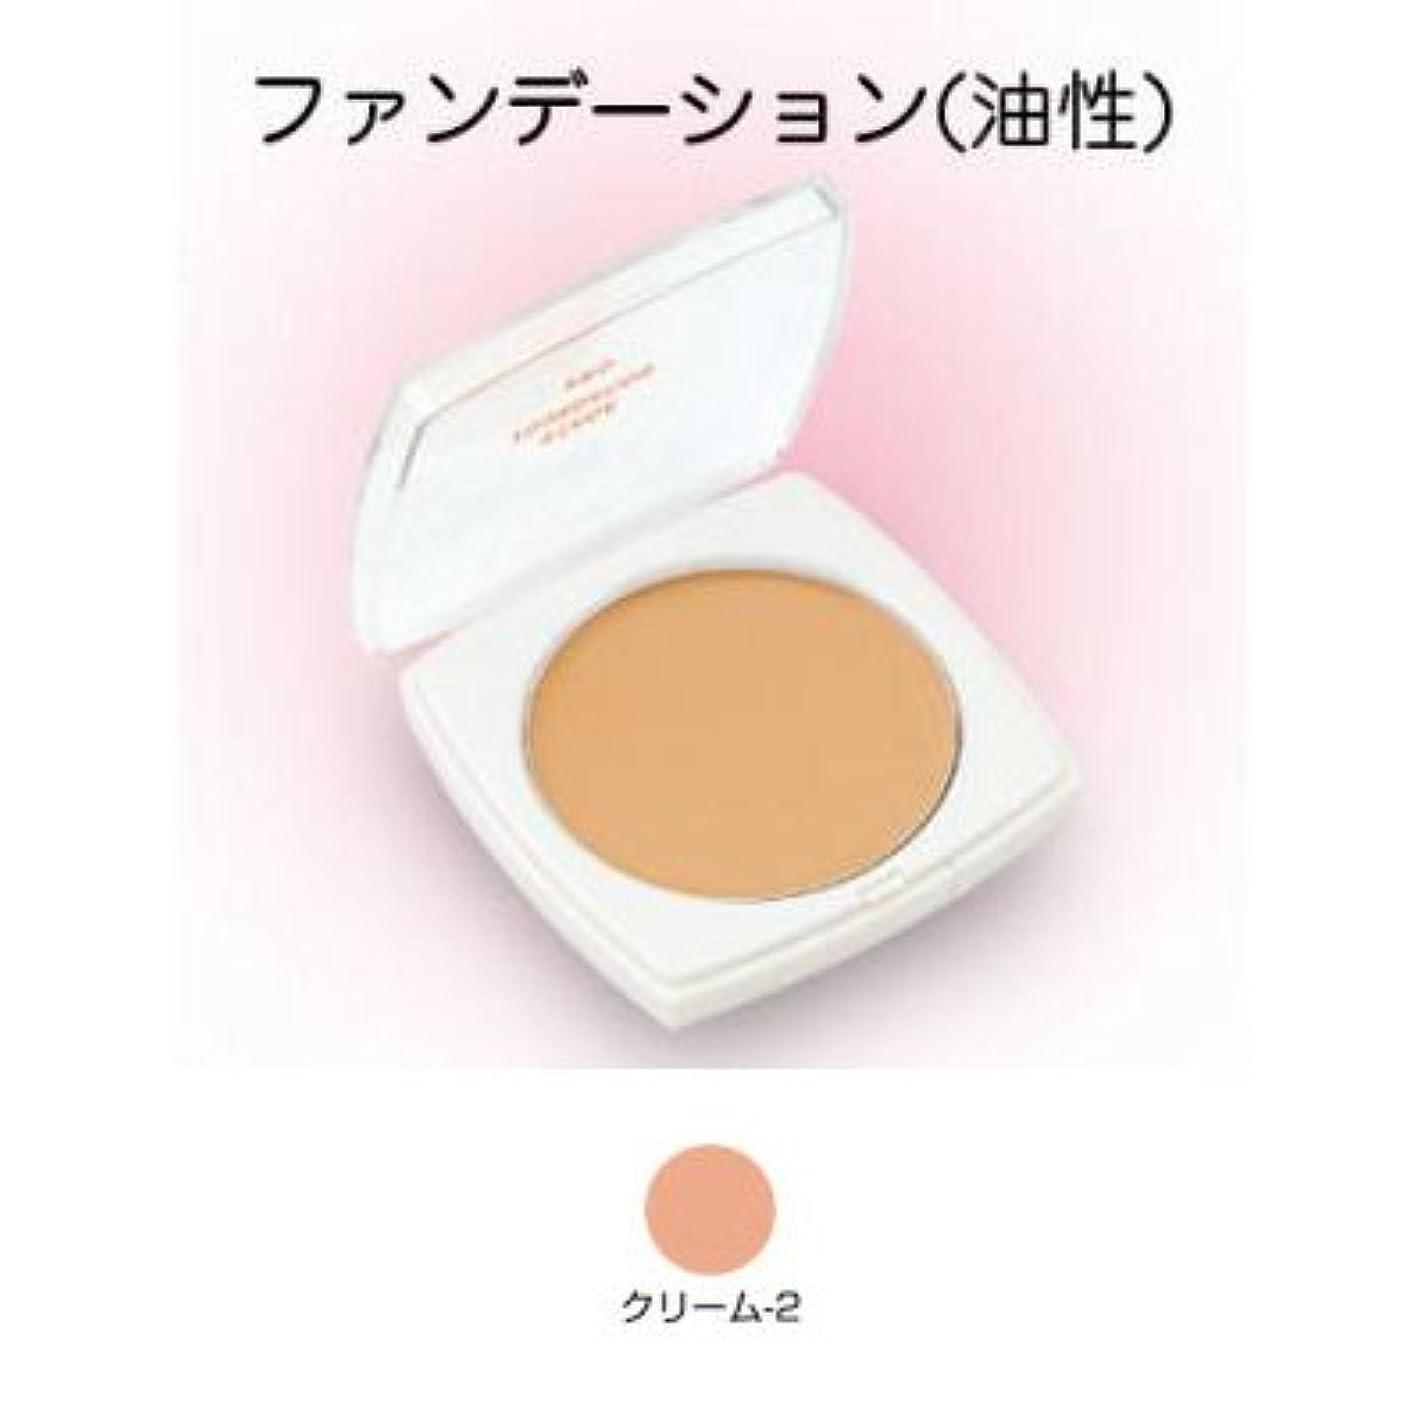 ポンペイ探すシーケンスステージファンデーション プロ 13g クリーム-2 【三善】